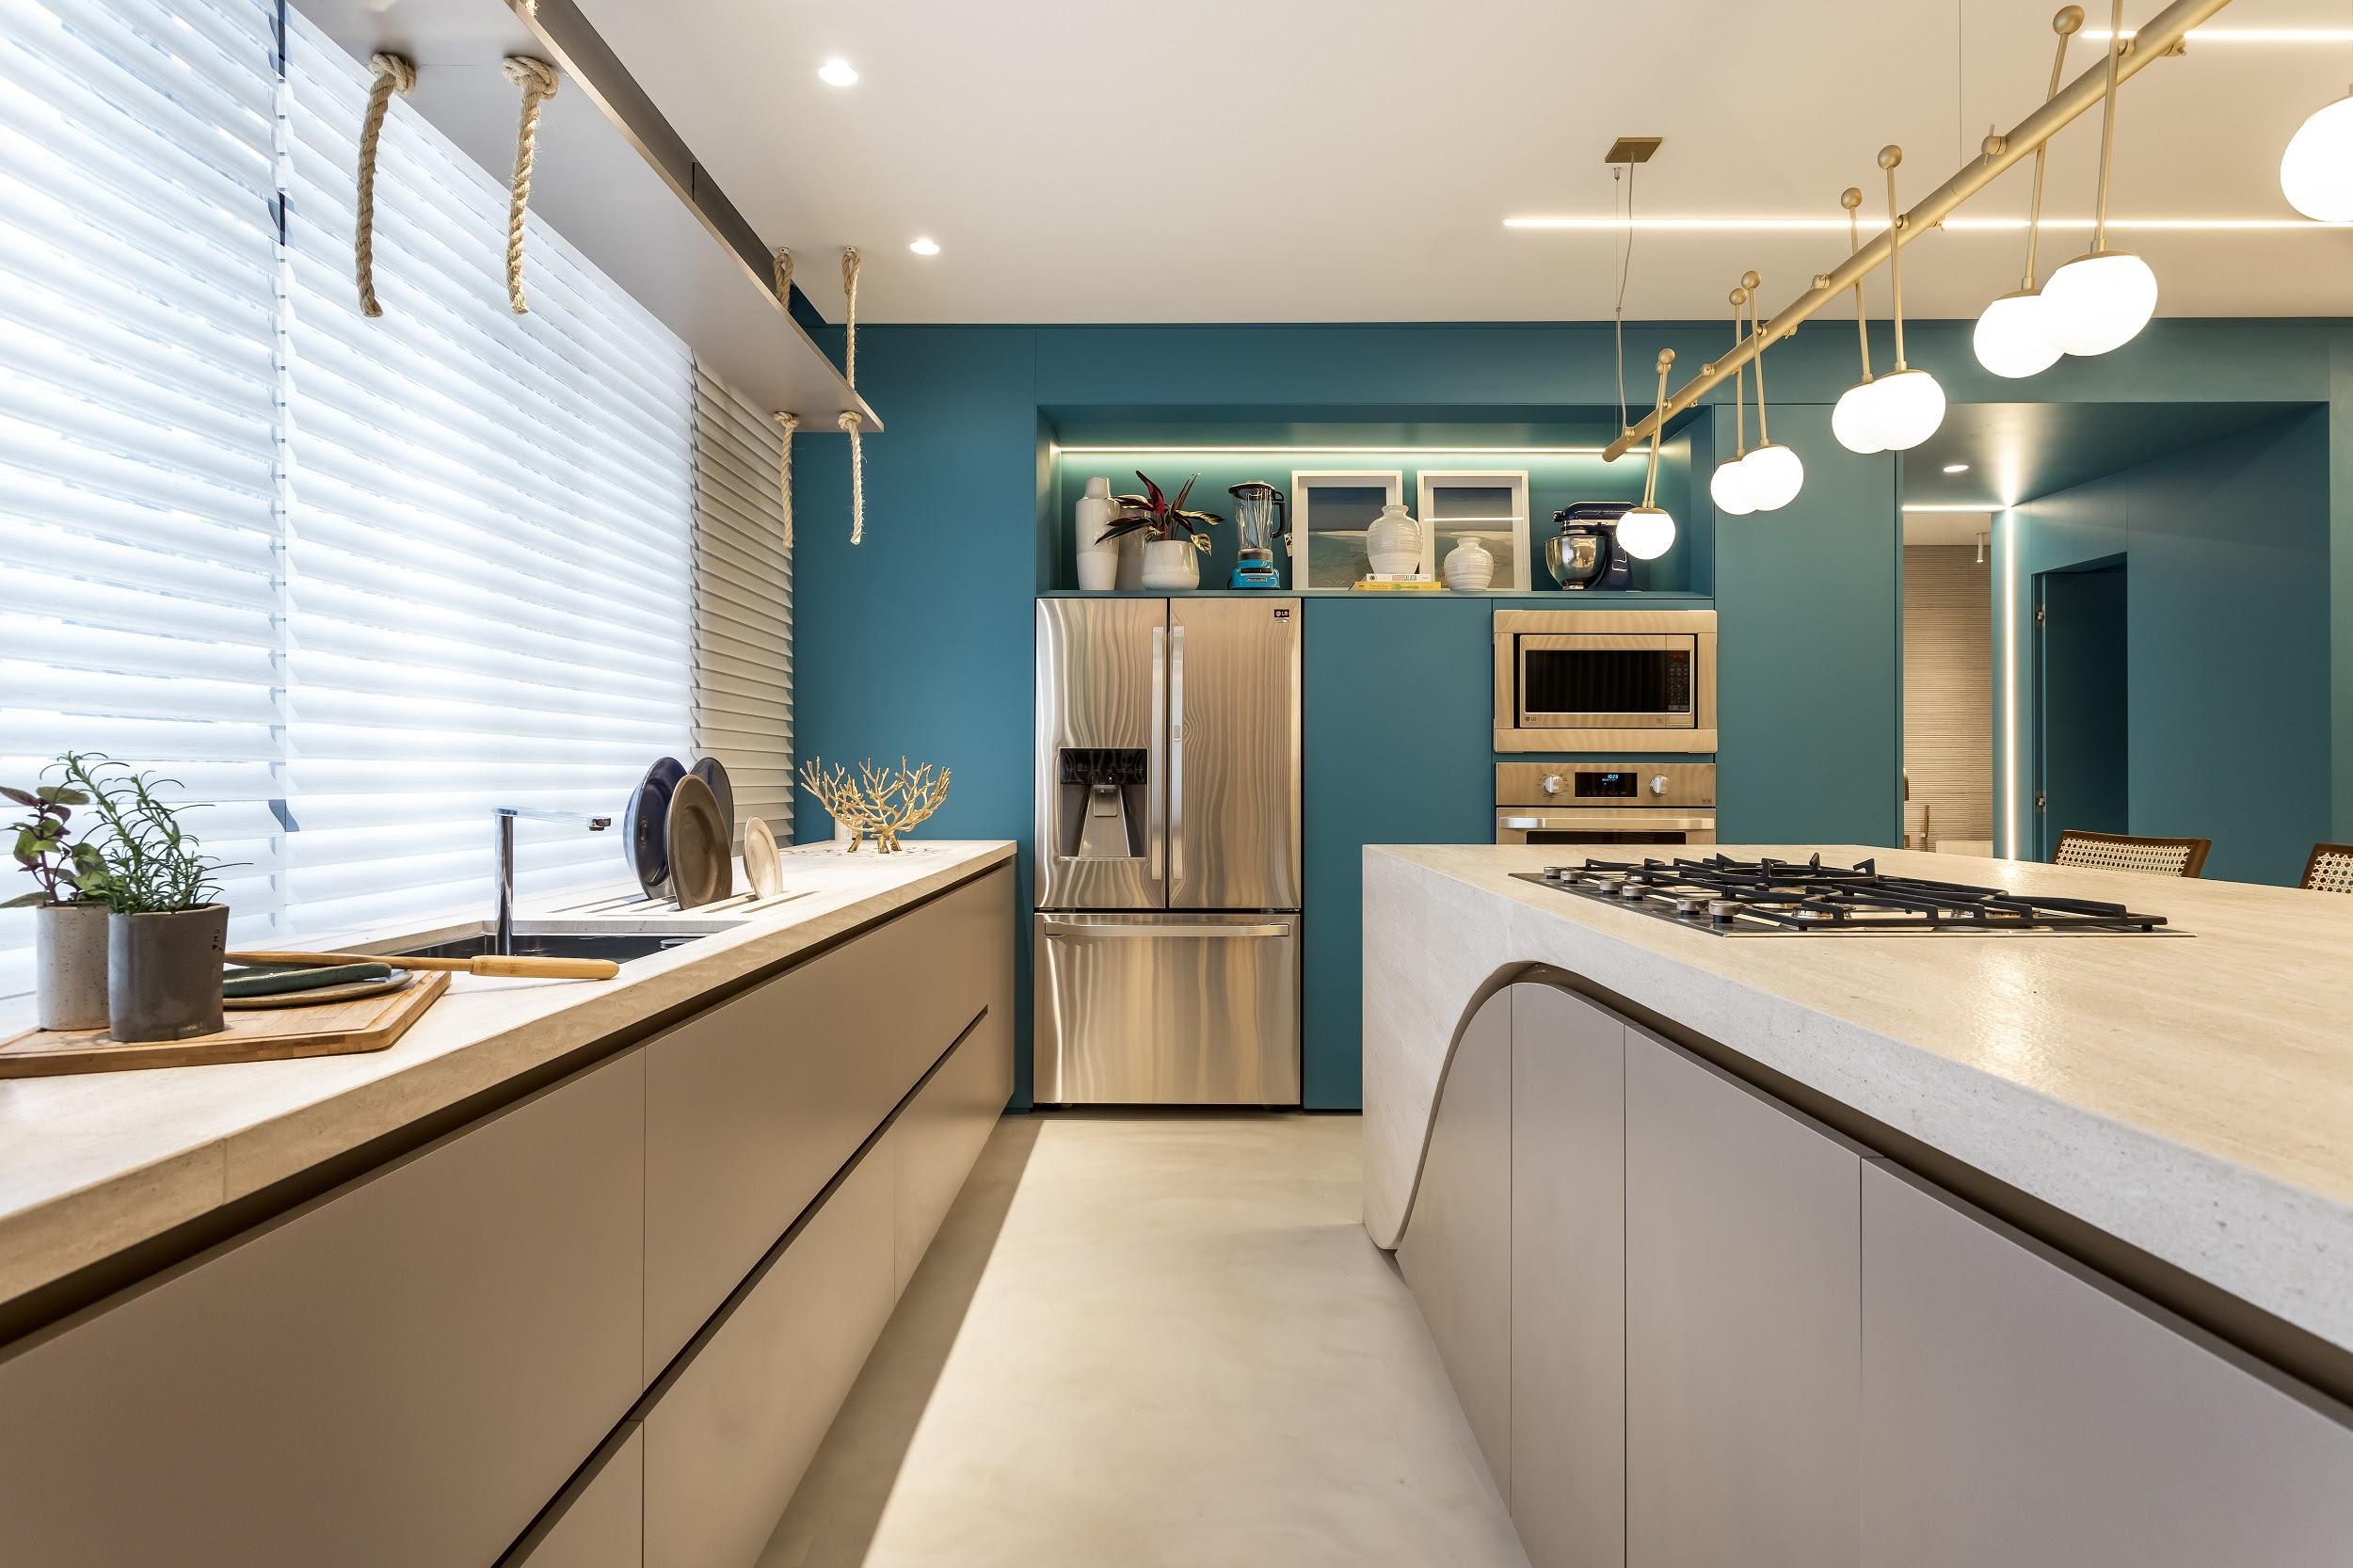 Neste projeto assinado por Alessandra Gandolfi, o azul ganha continuidade desde a parede da cozinha até outros ambientes da casa.